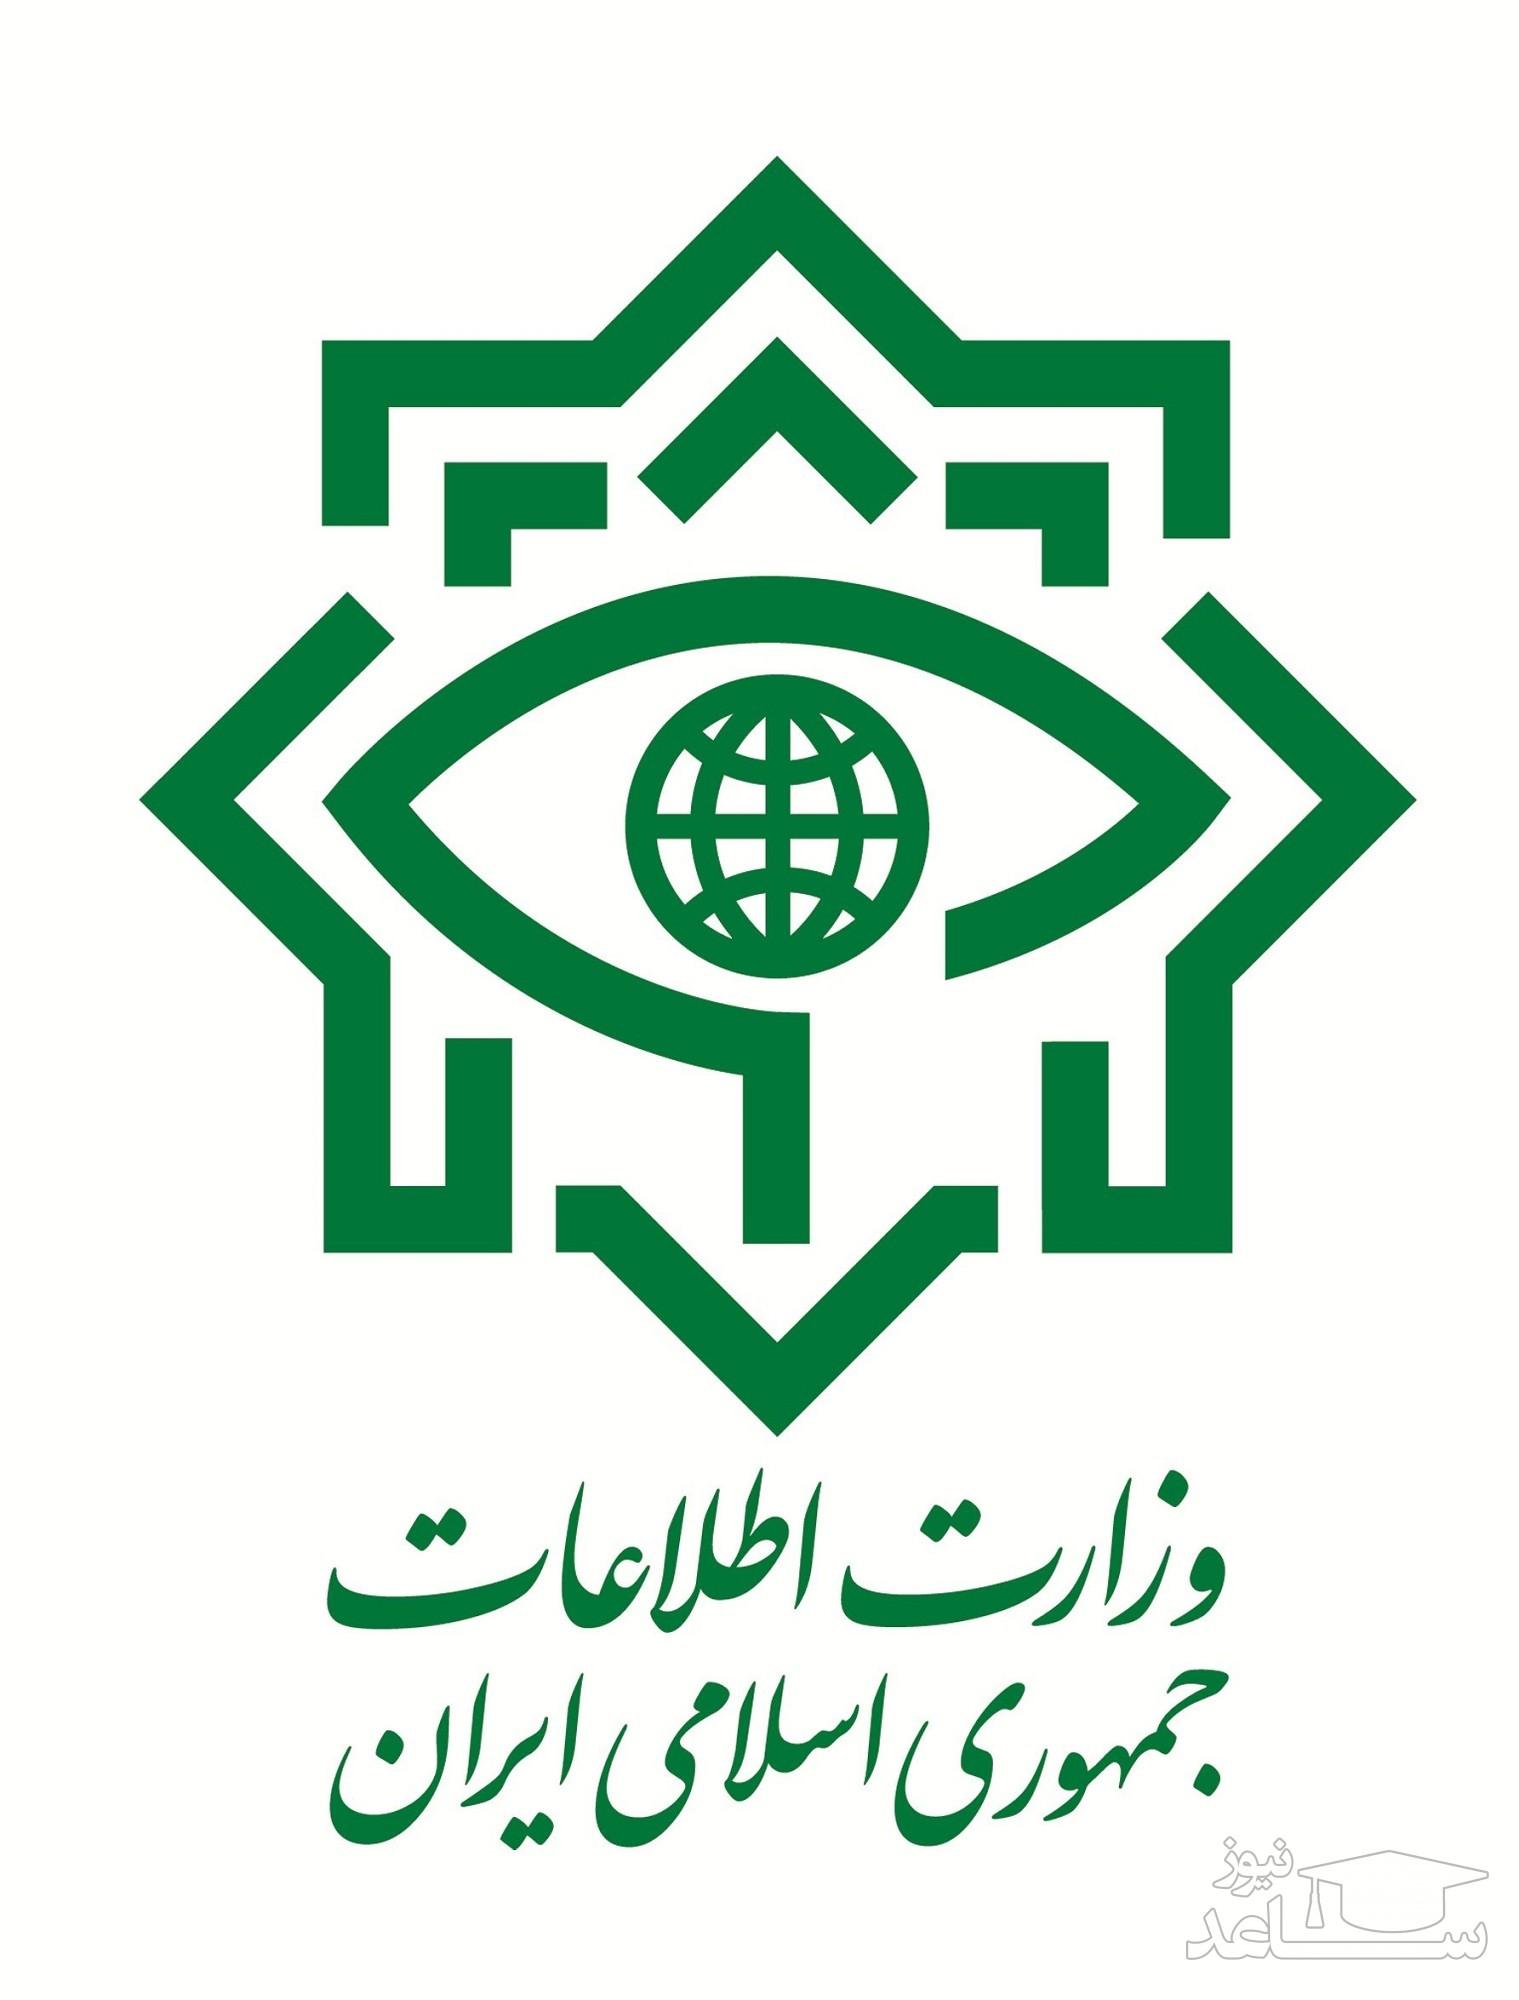 ۲۰۰ مدیر دو تابعیتی توسط وزارت اطلاعات شناسایی شده است